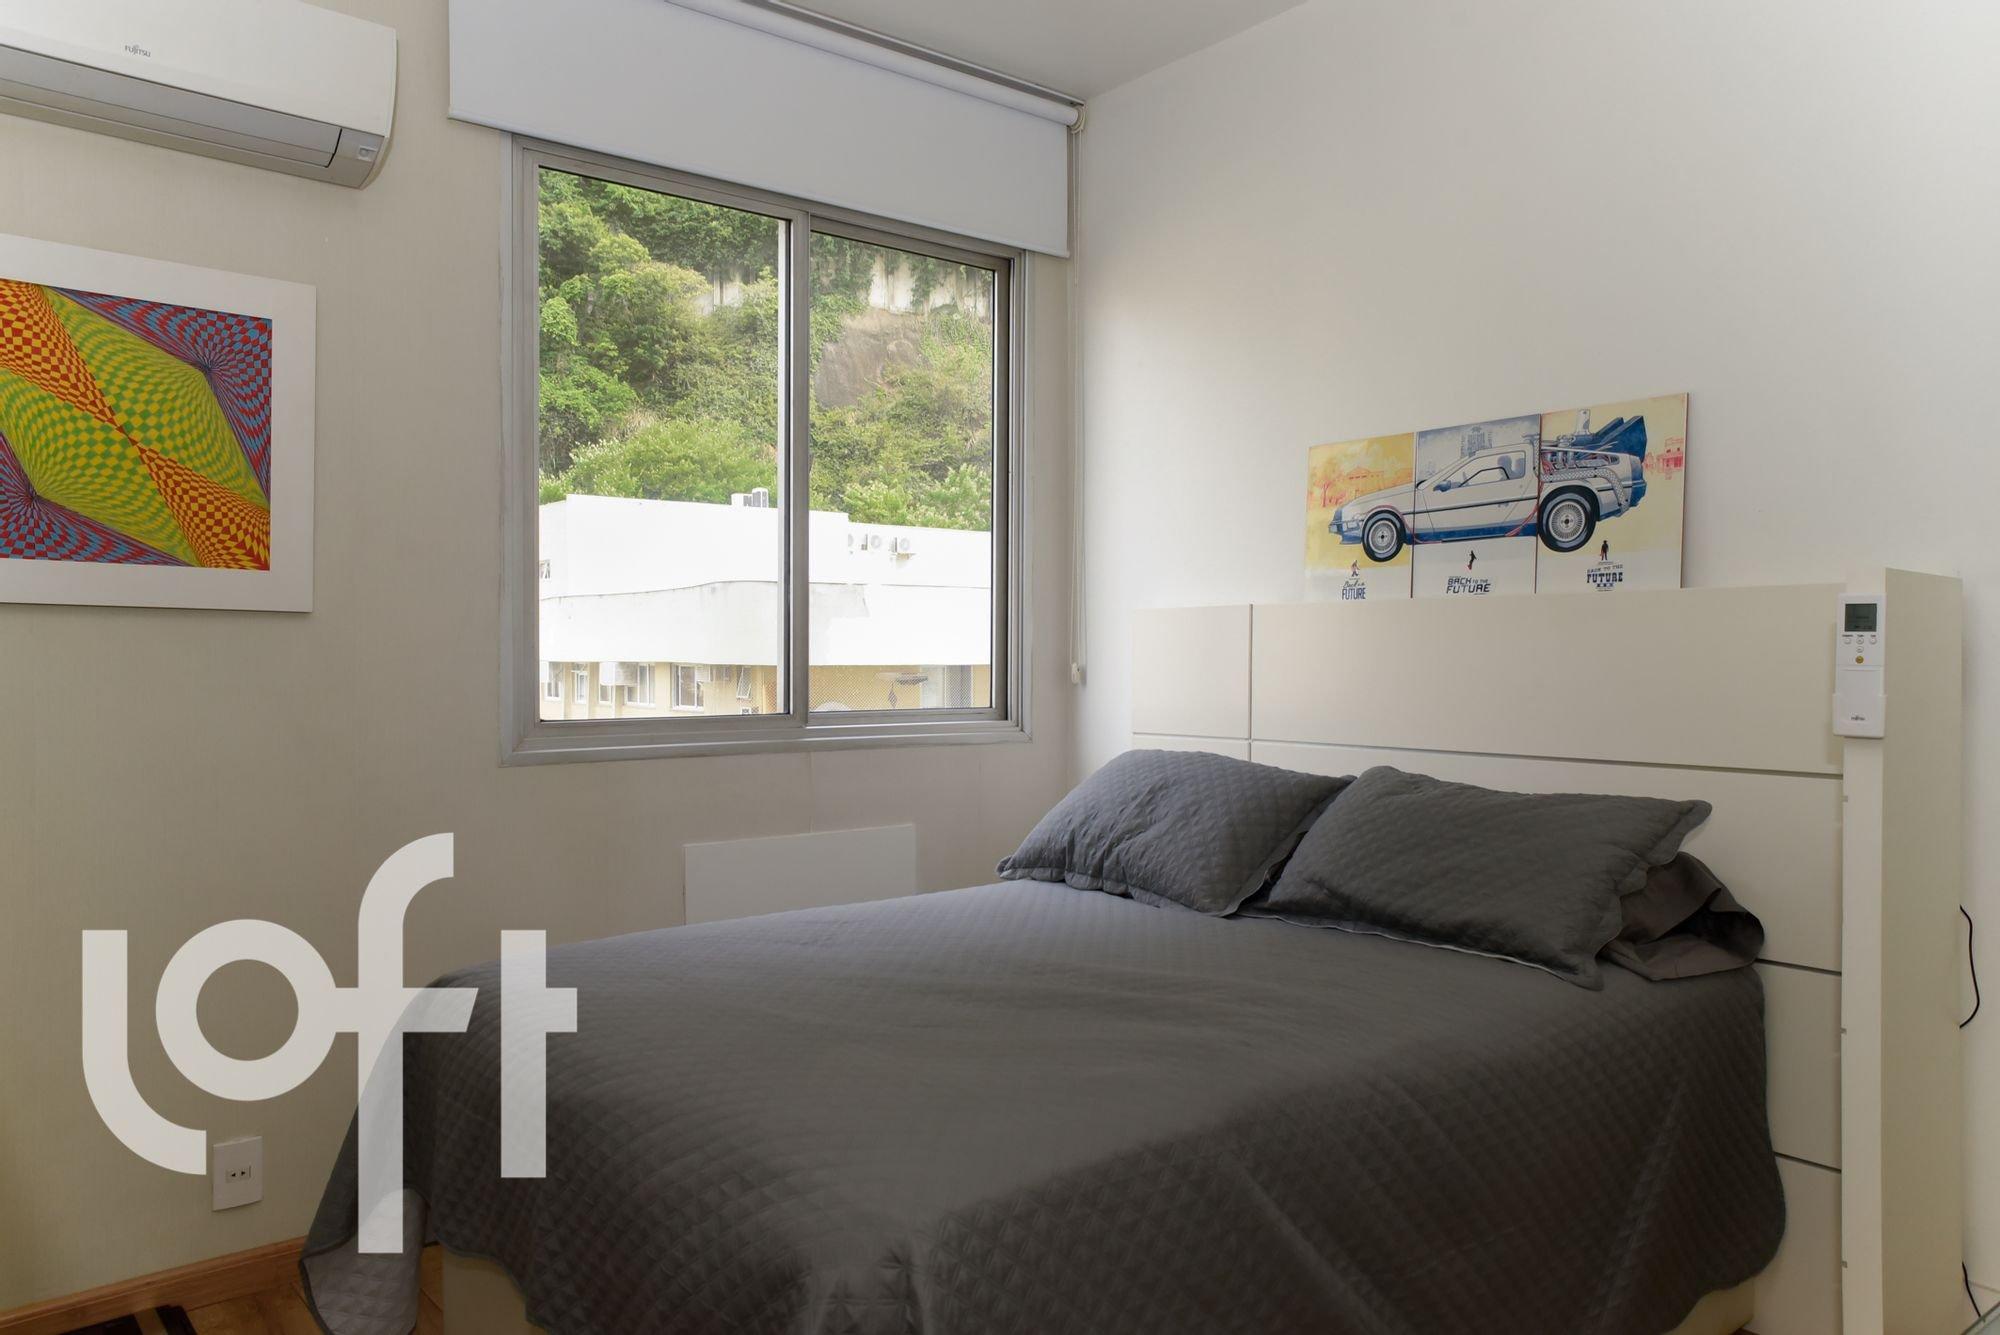 Foto de Quarto com cama, carro